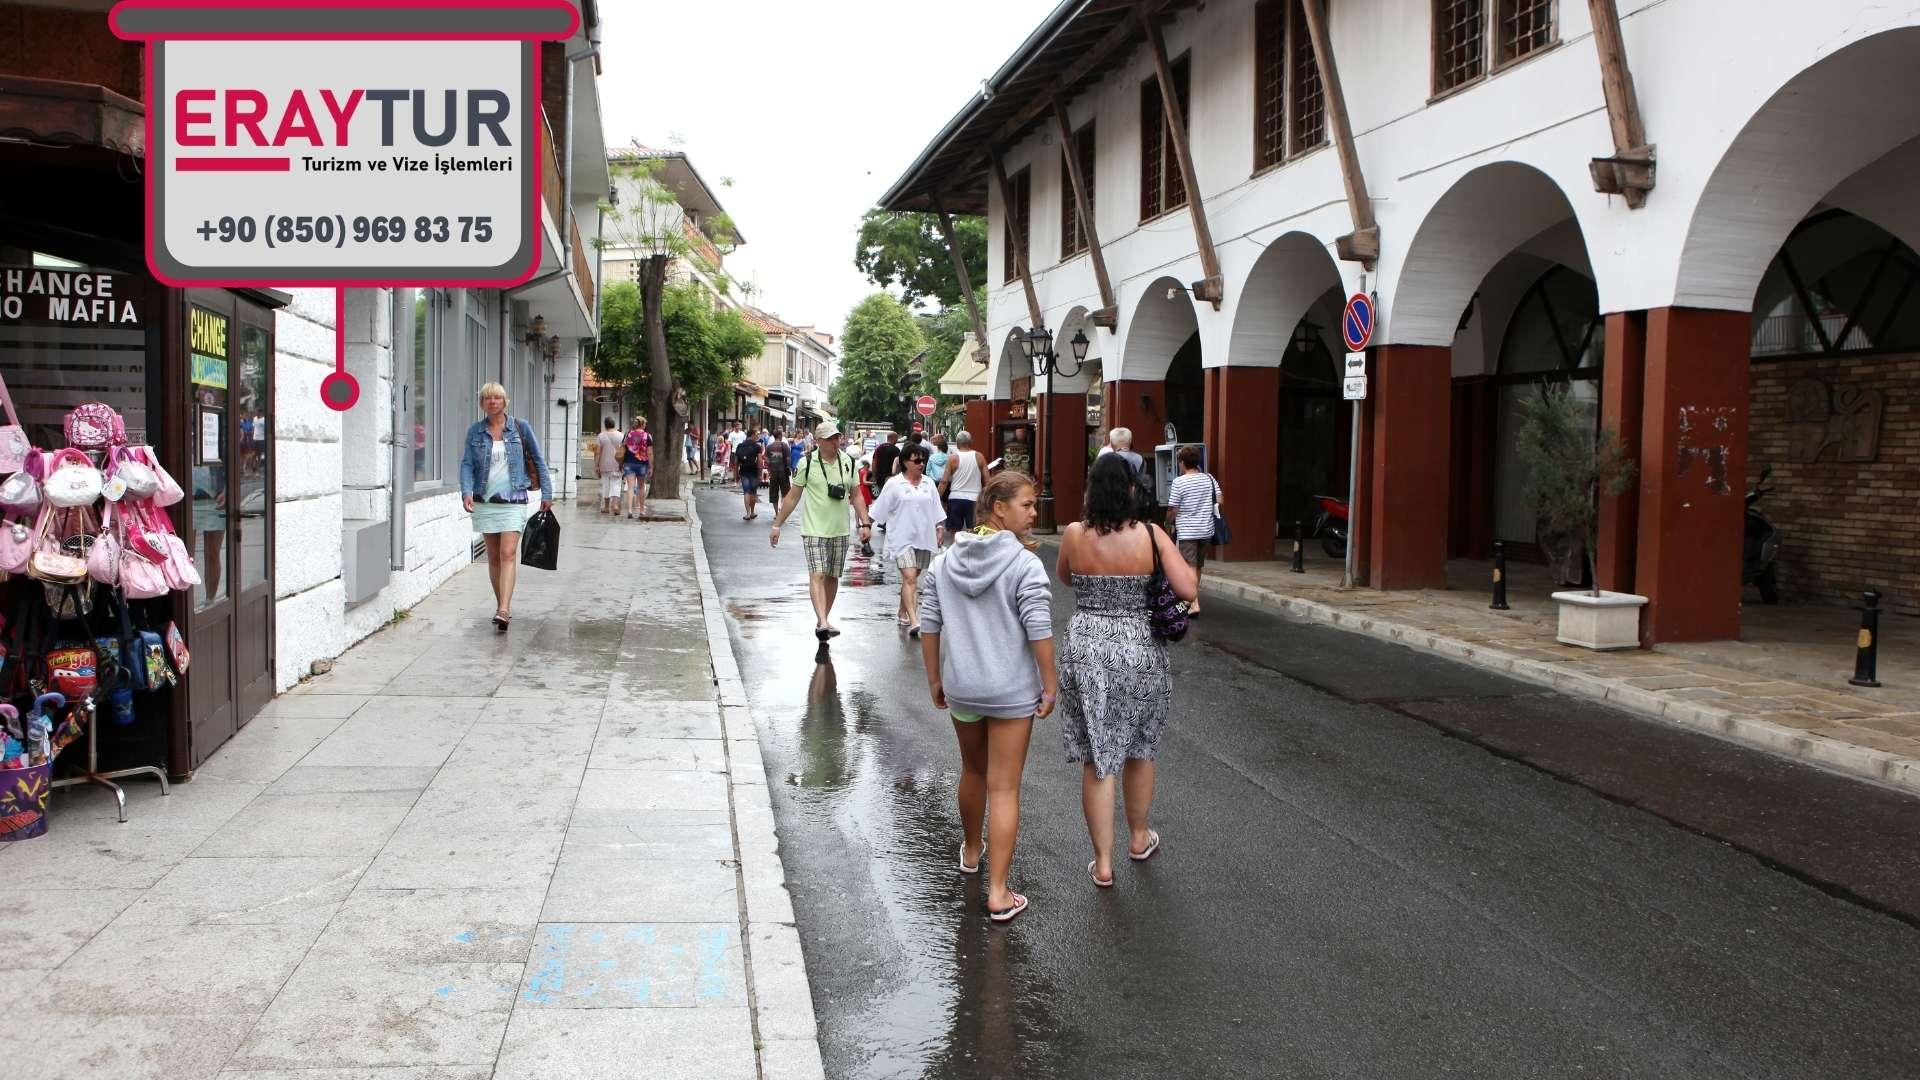 Bulgaristan Turistik Vizesi